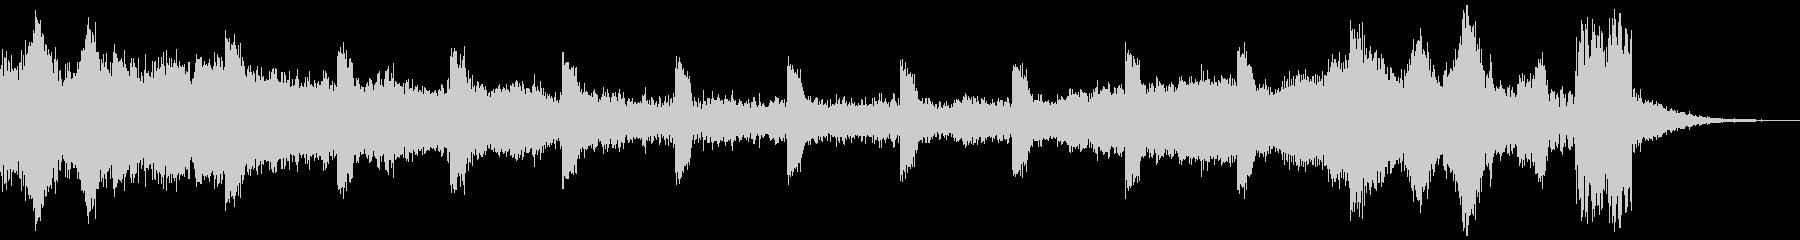 シンキングタイム(15秒)の未再生の波形